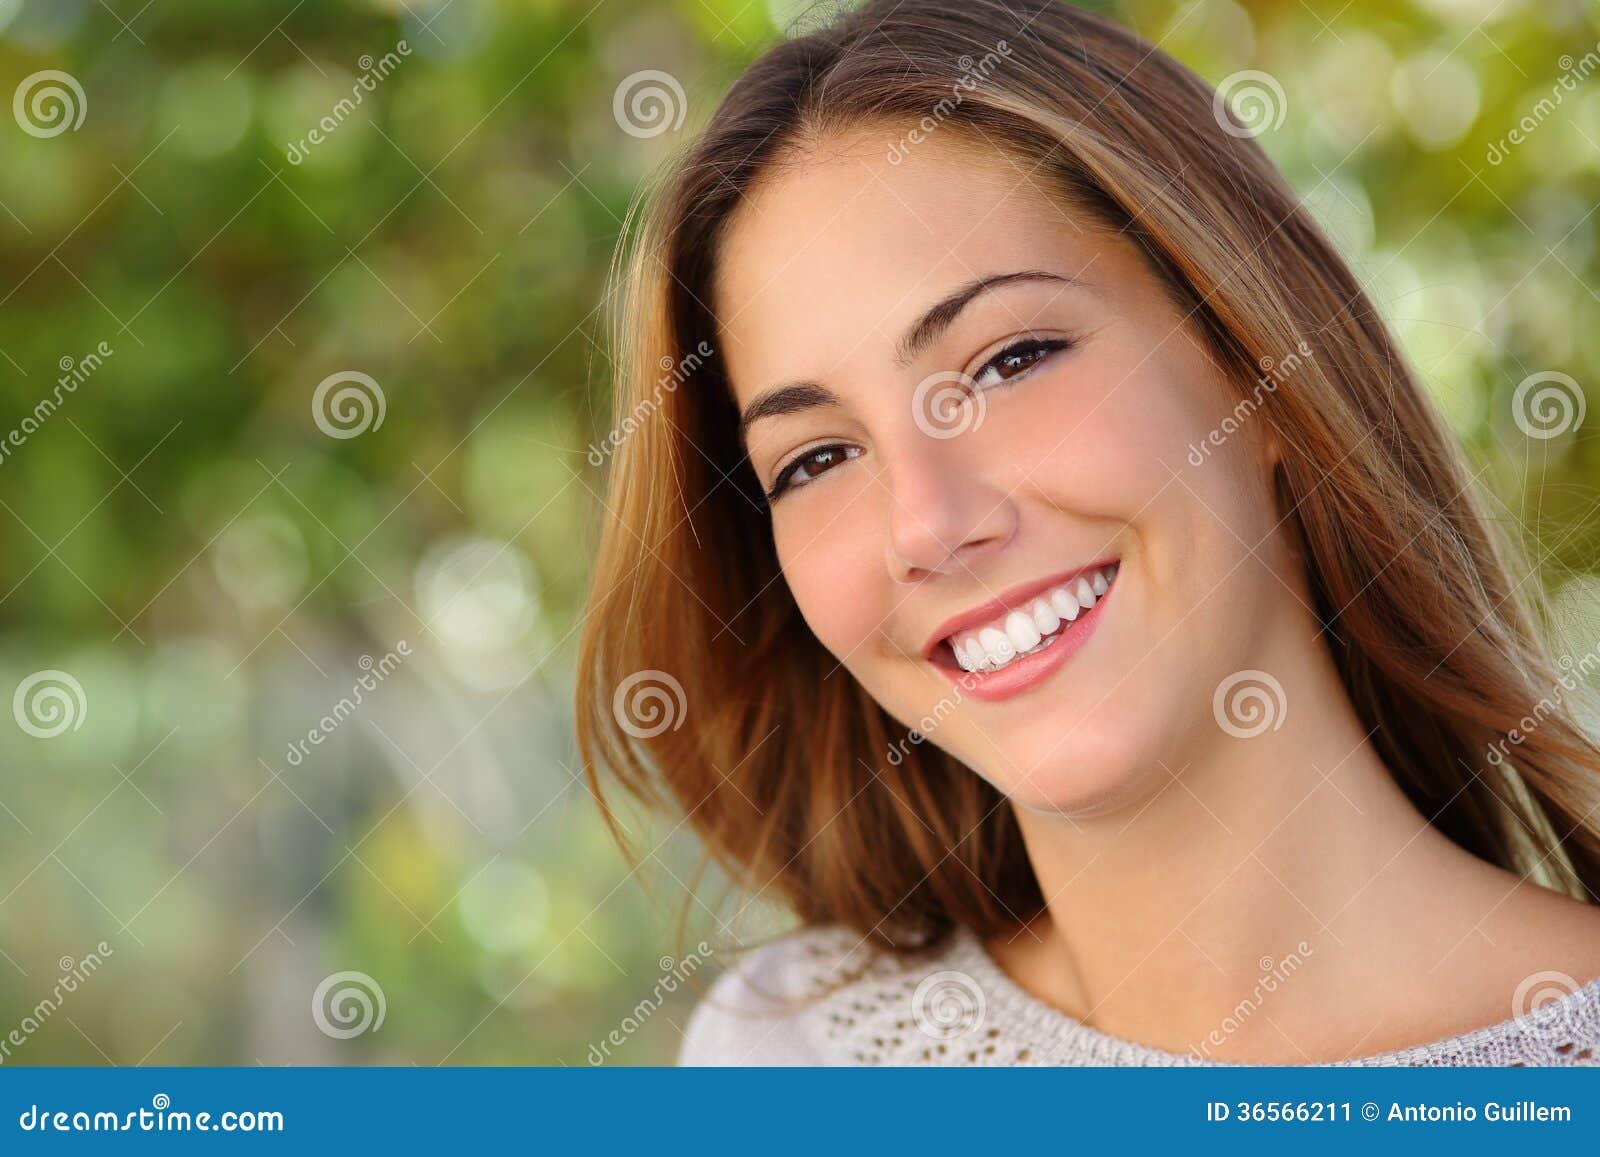 Фото красивых девушек с улыбками